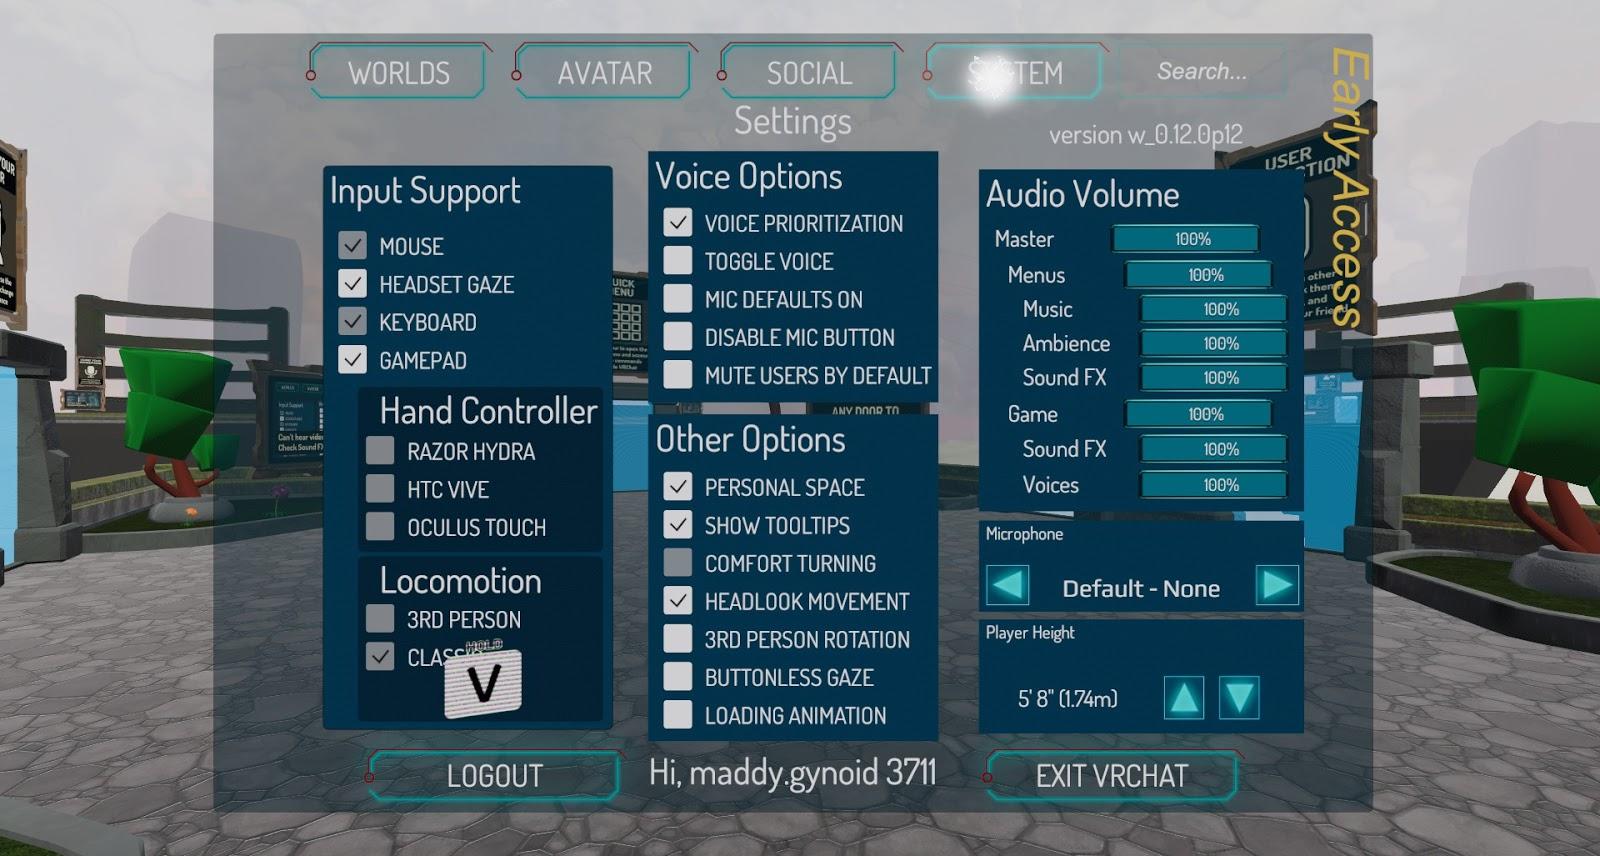 Echt Virtuell: VRChat angetestet